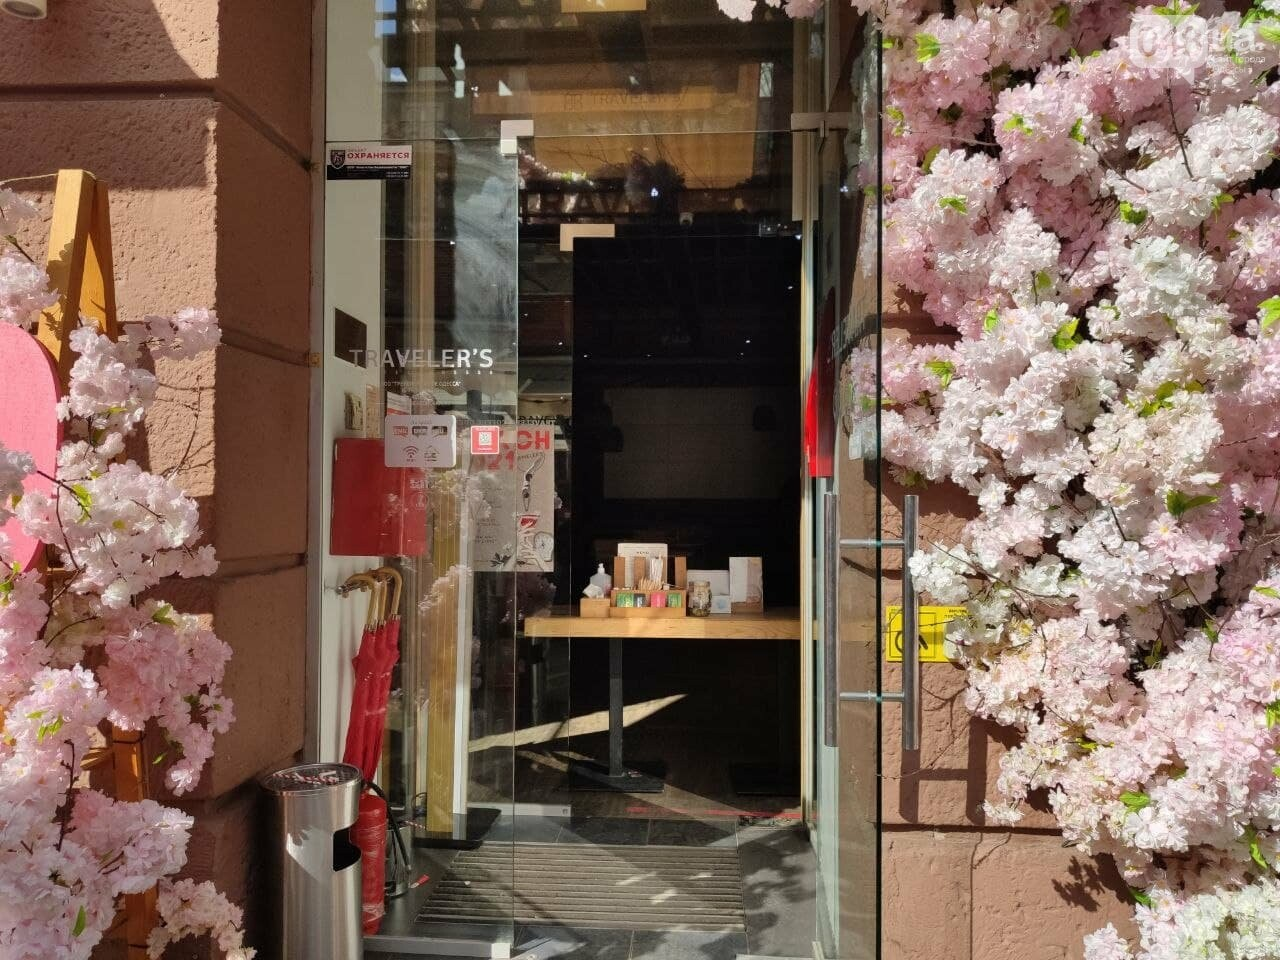 Закрыты не все: как в Одессе работают кафе и рестораны, - ФОТО, фото-5